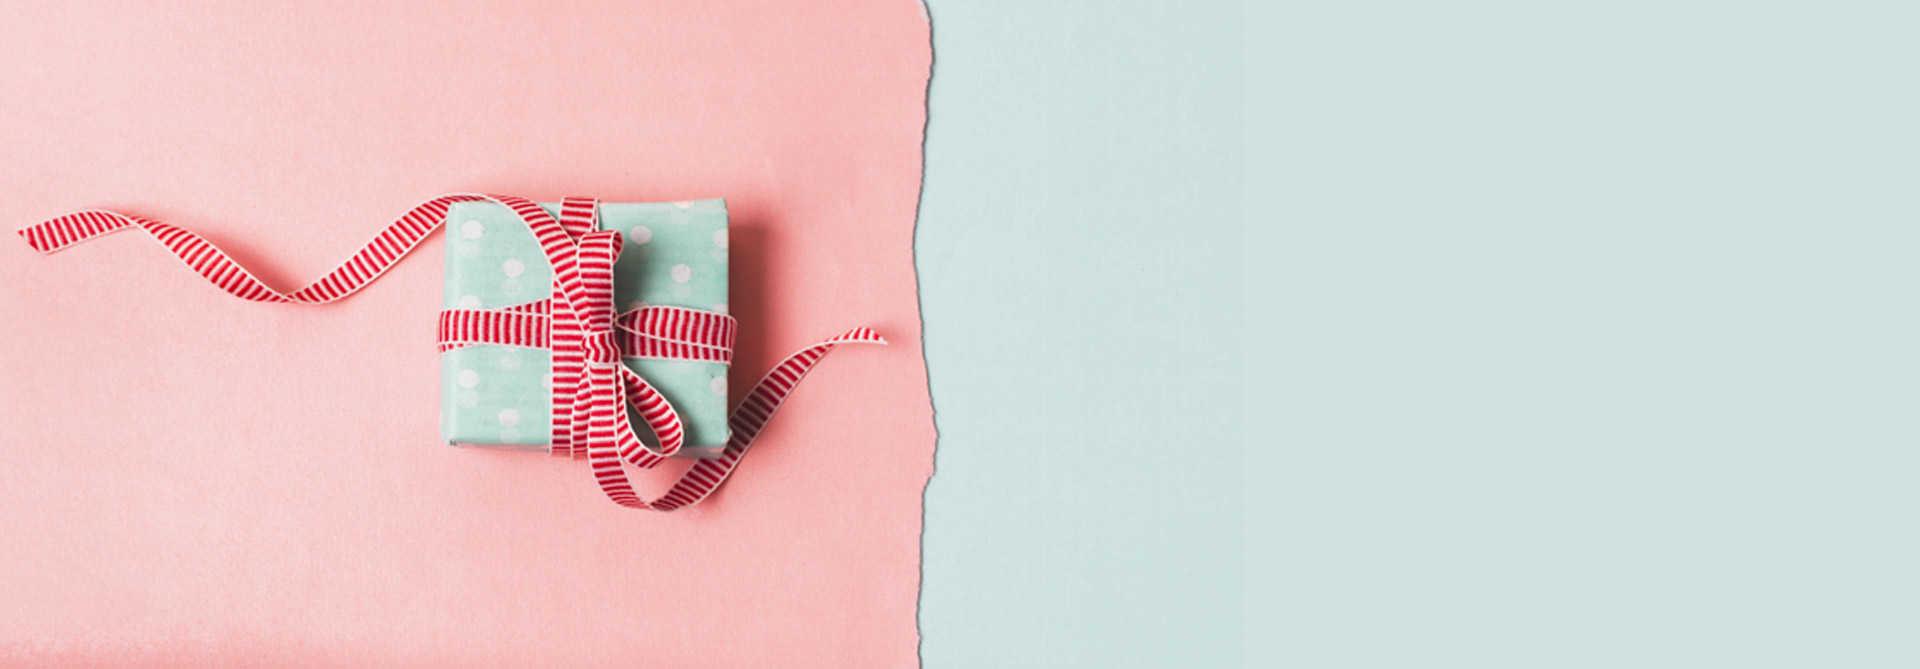 Send Gift to sanandaj | Order Gift in sanandaj | Florists inexpensively | sanandaj Florist | sanandaj Gift